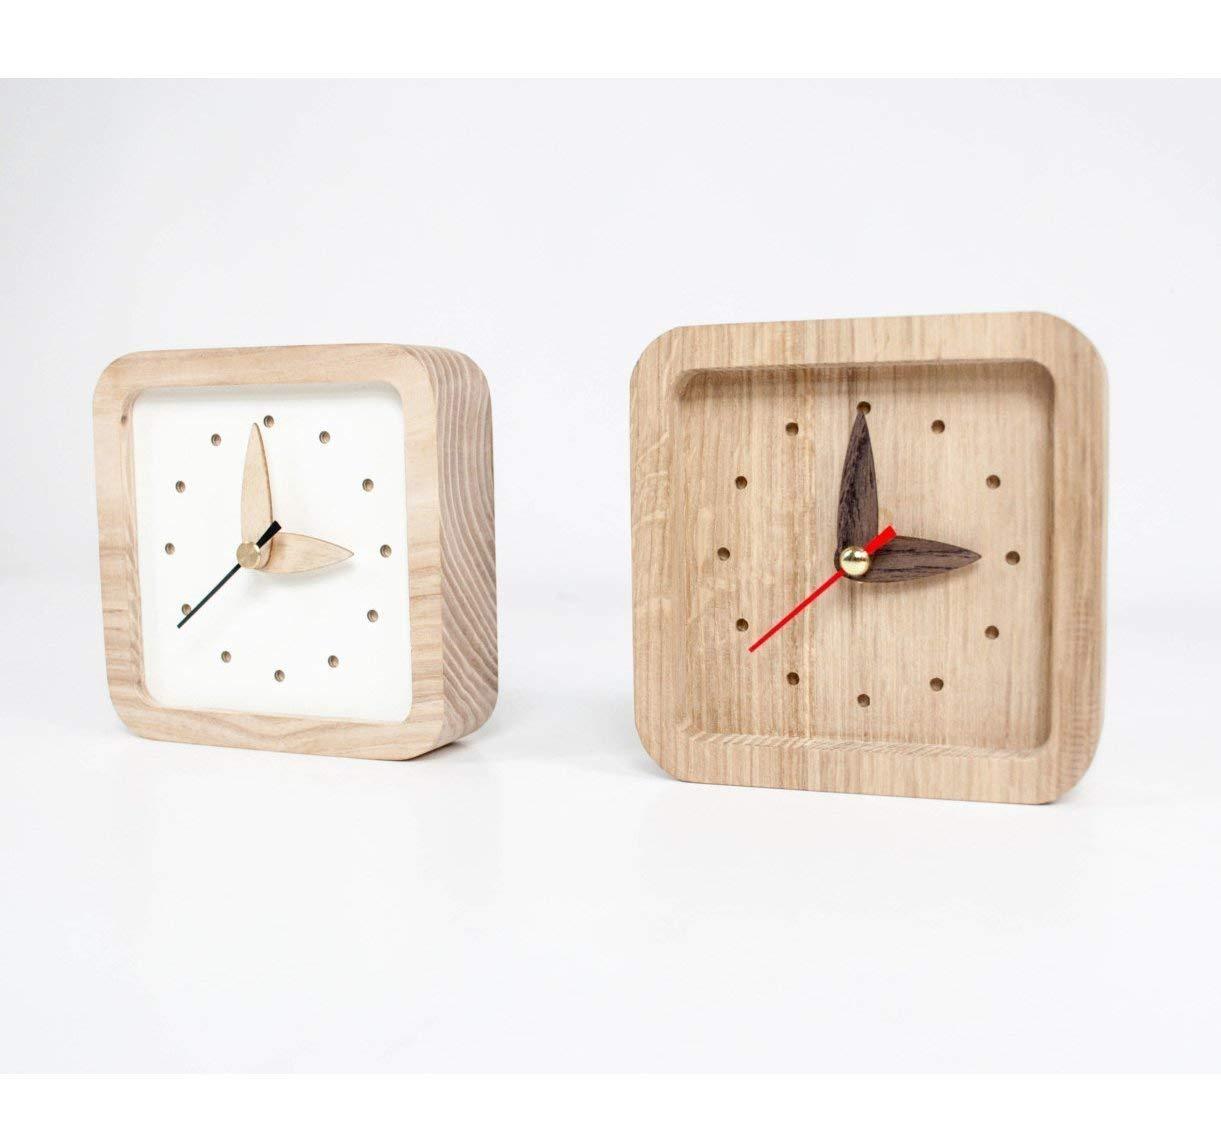 Kleine hölzerne Tisch Uhr - 2 Farben erhältlich Weiß oder Naturholz Farbe - Einzigartige Eichen Holz Uhr – Quadrat Form Tisch Uhr – Weiße hölzerne Tisch Uhr - Exklusive Business-Geschenk mit Logo